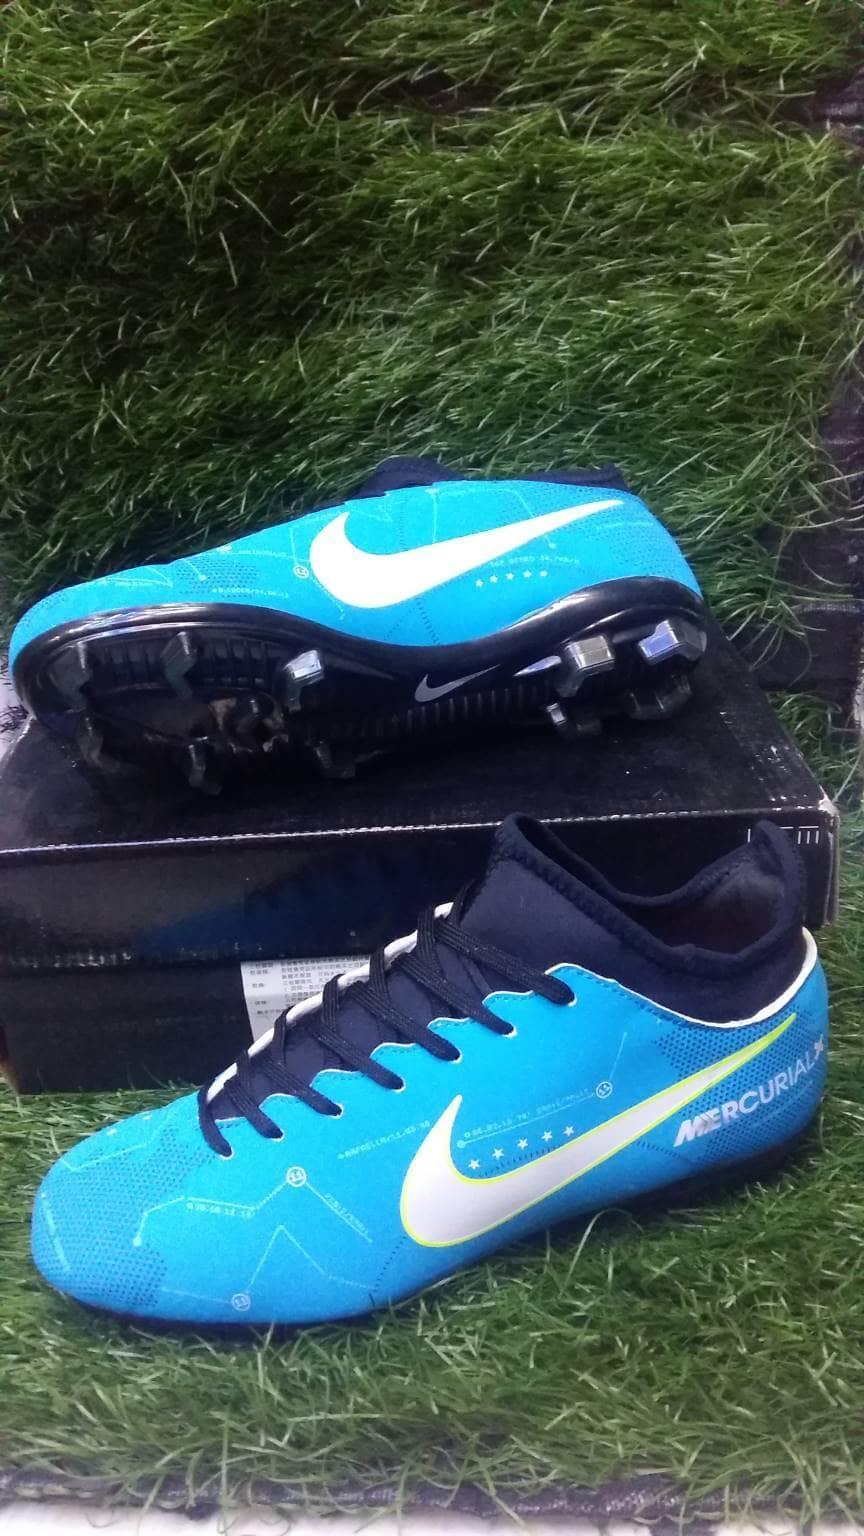 Sepatu Bola / soccer nike mercurial x neymar edition superfly